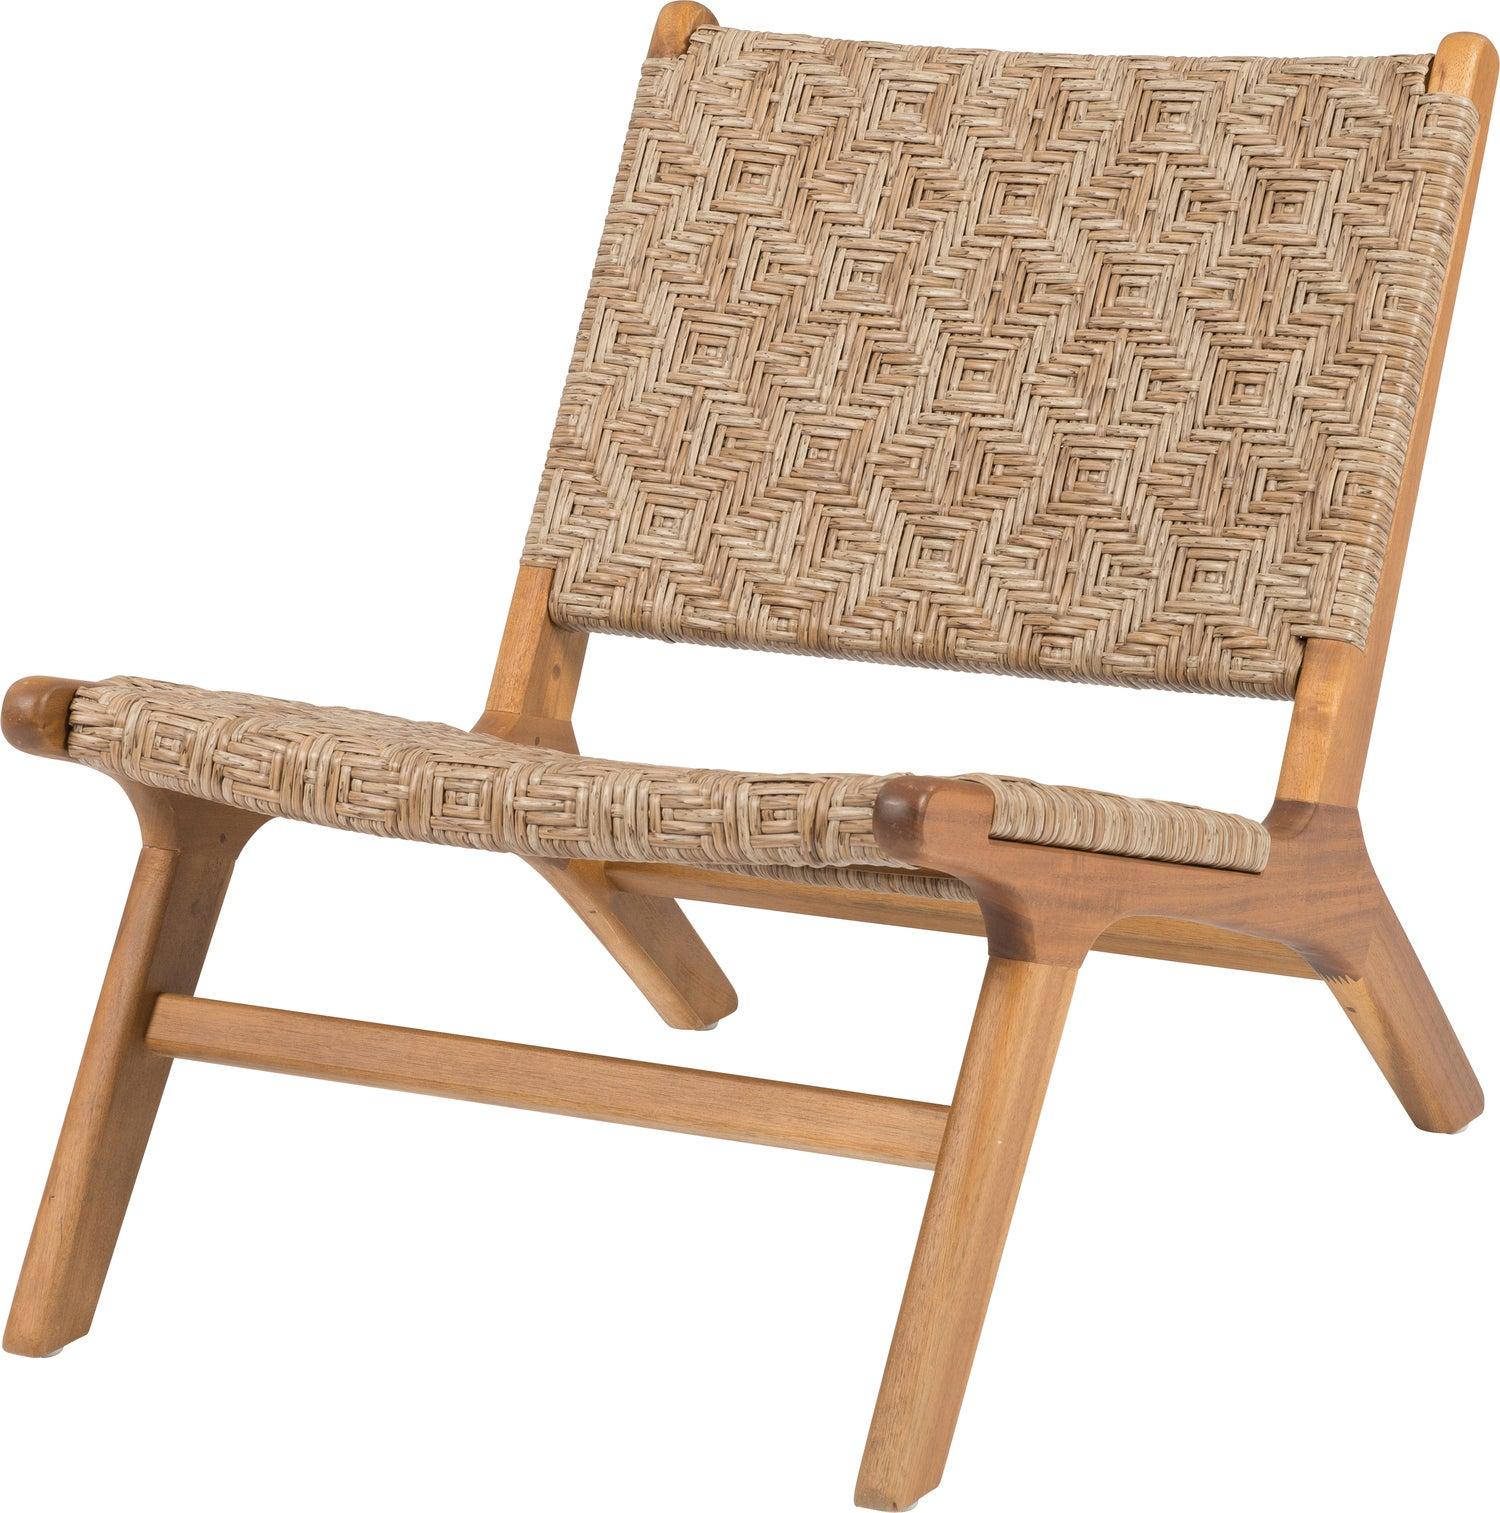 Intratuin relaxstoel Vasto wicker naturel